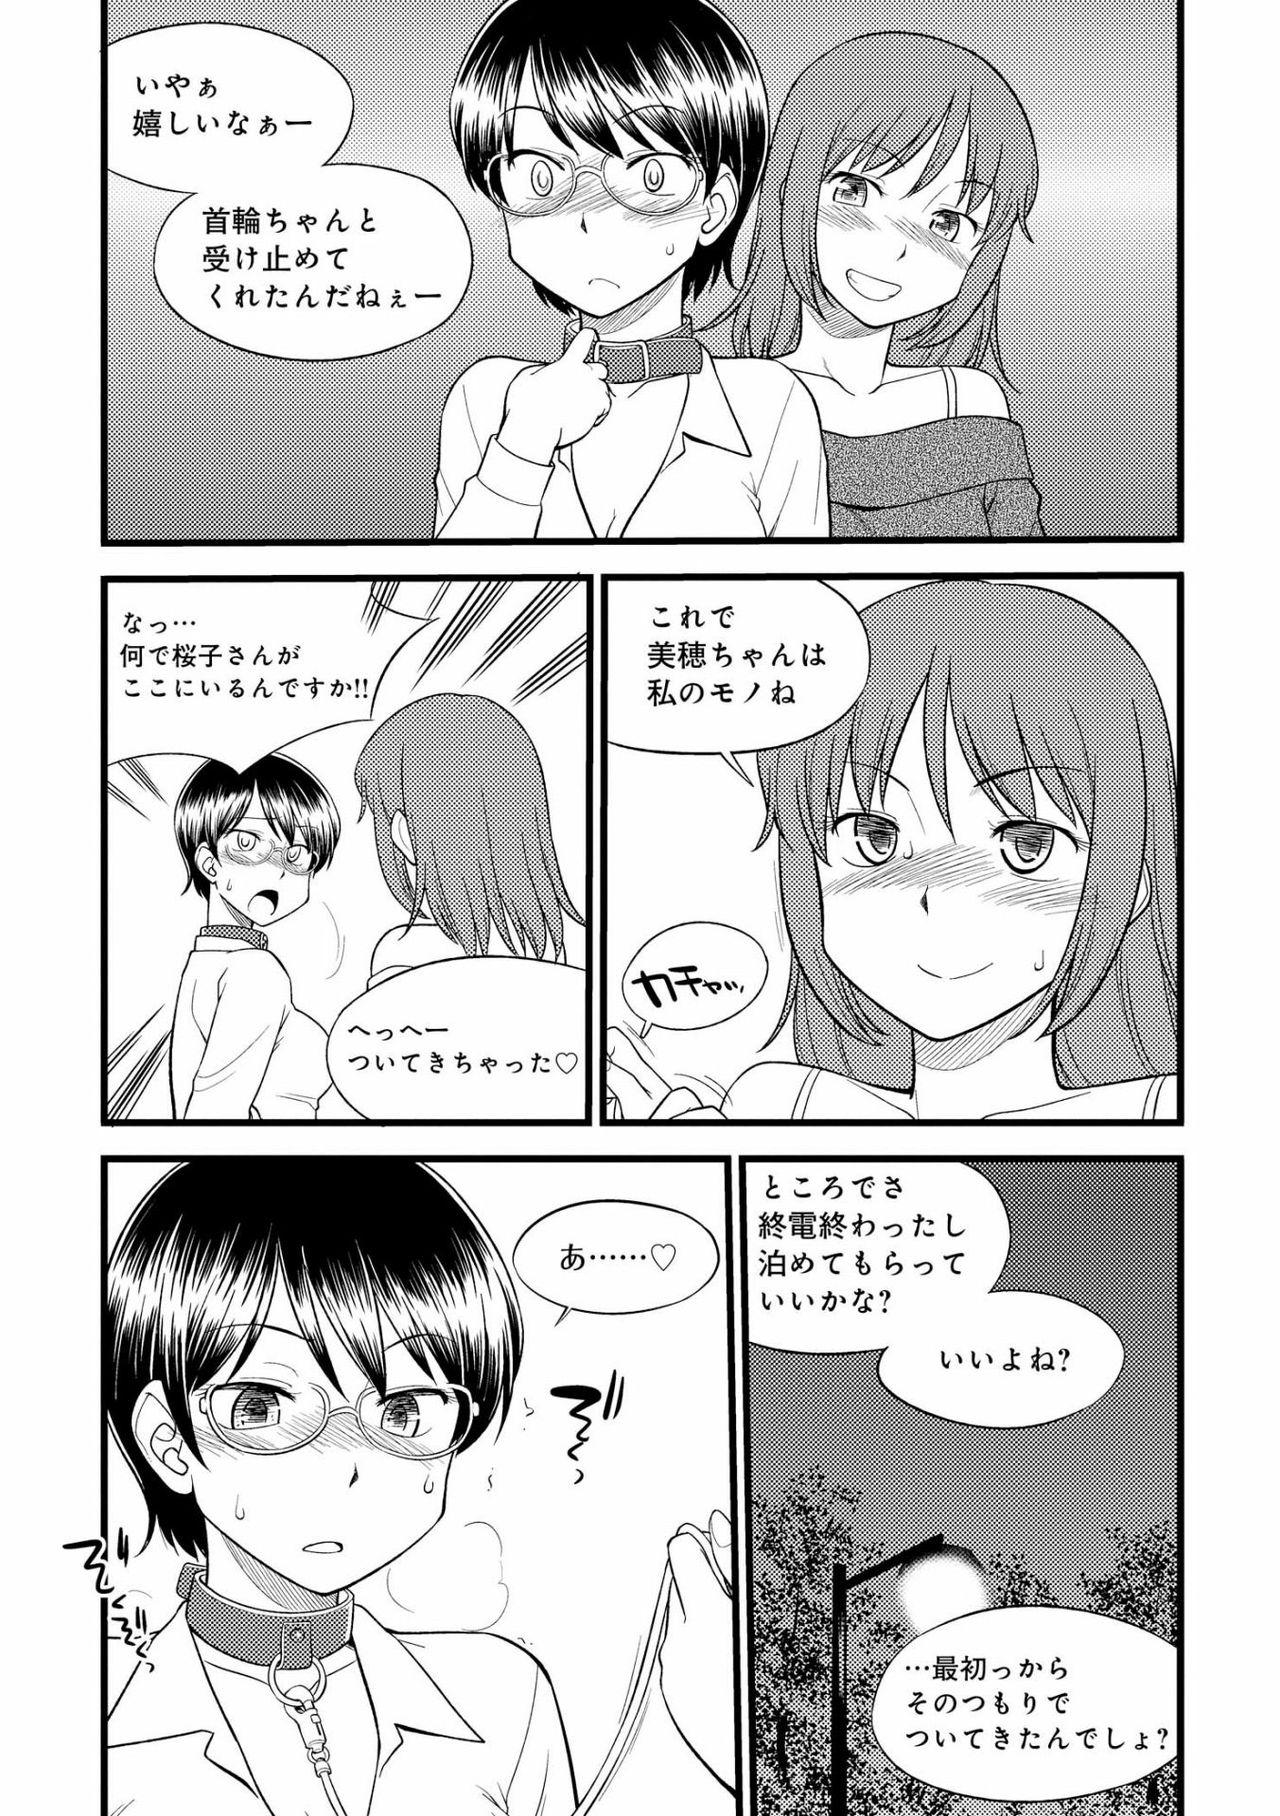 [Mitsuba] Karada mo Kokoro mo Boku no Mono ~Hajimete no SM Guide~ 2 [Digital] 127